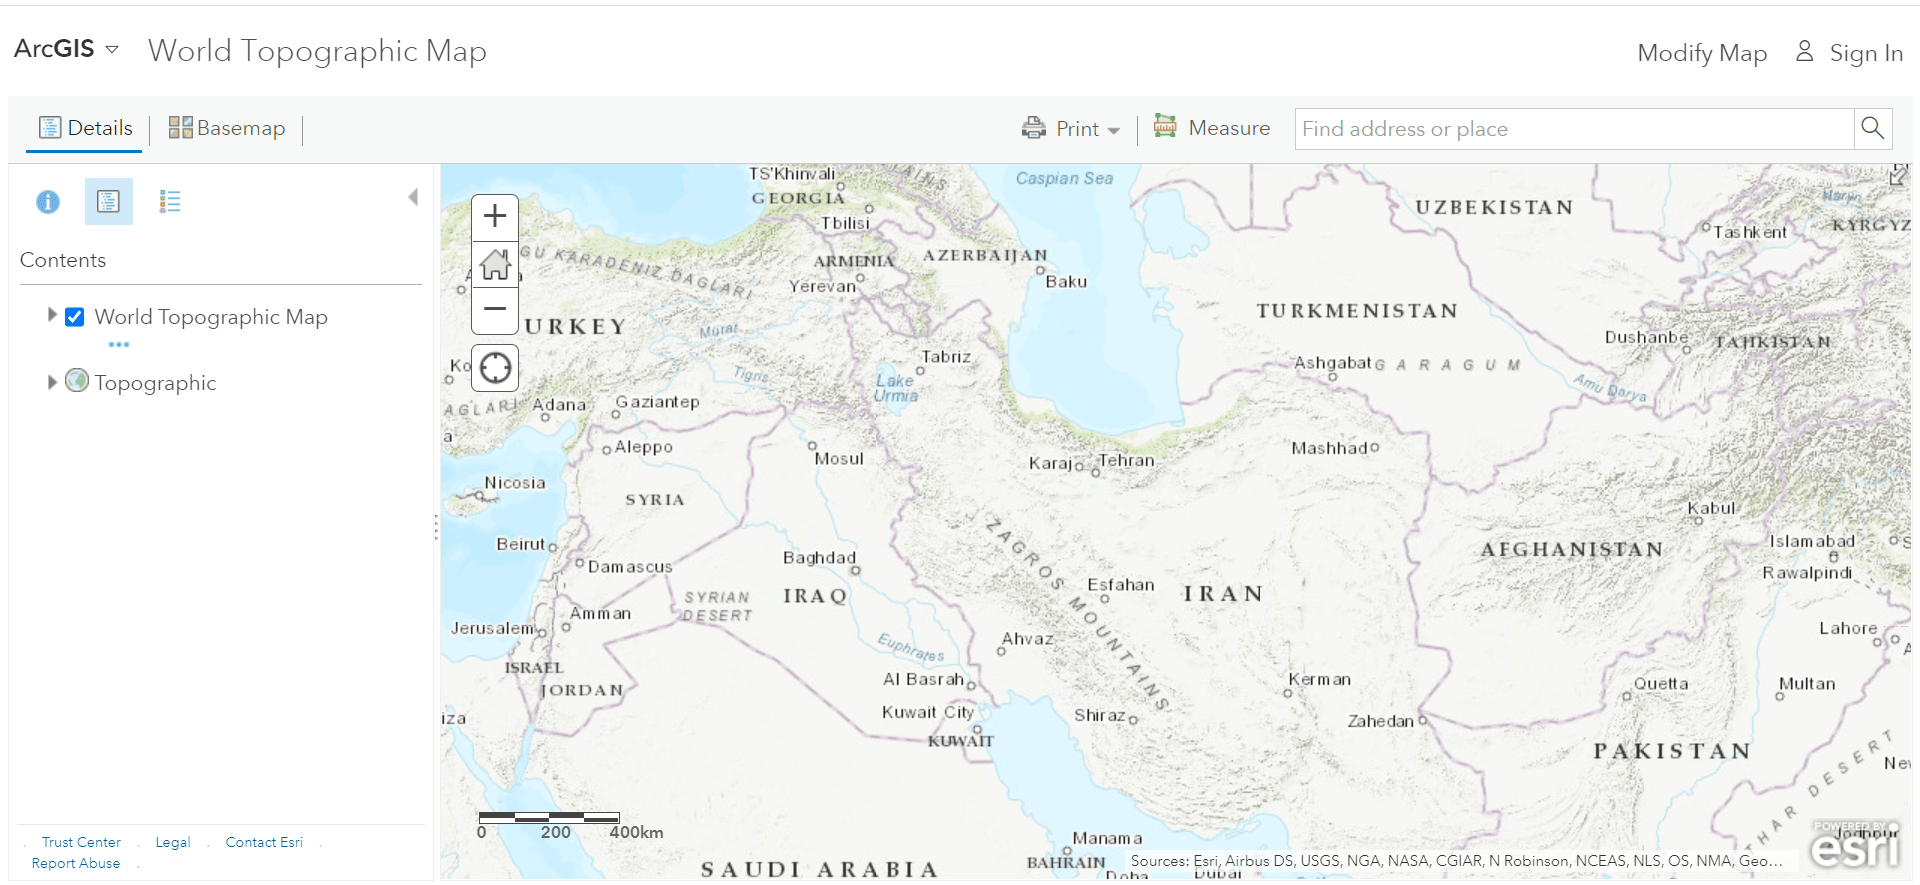 تهیه نقشه توپوگرافی از Esri